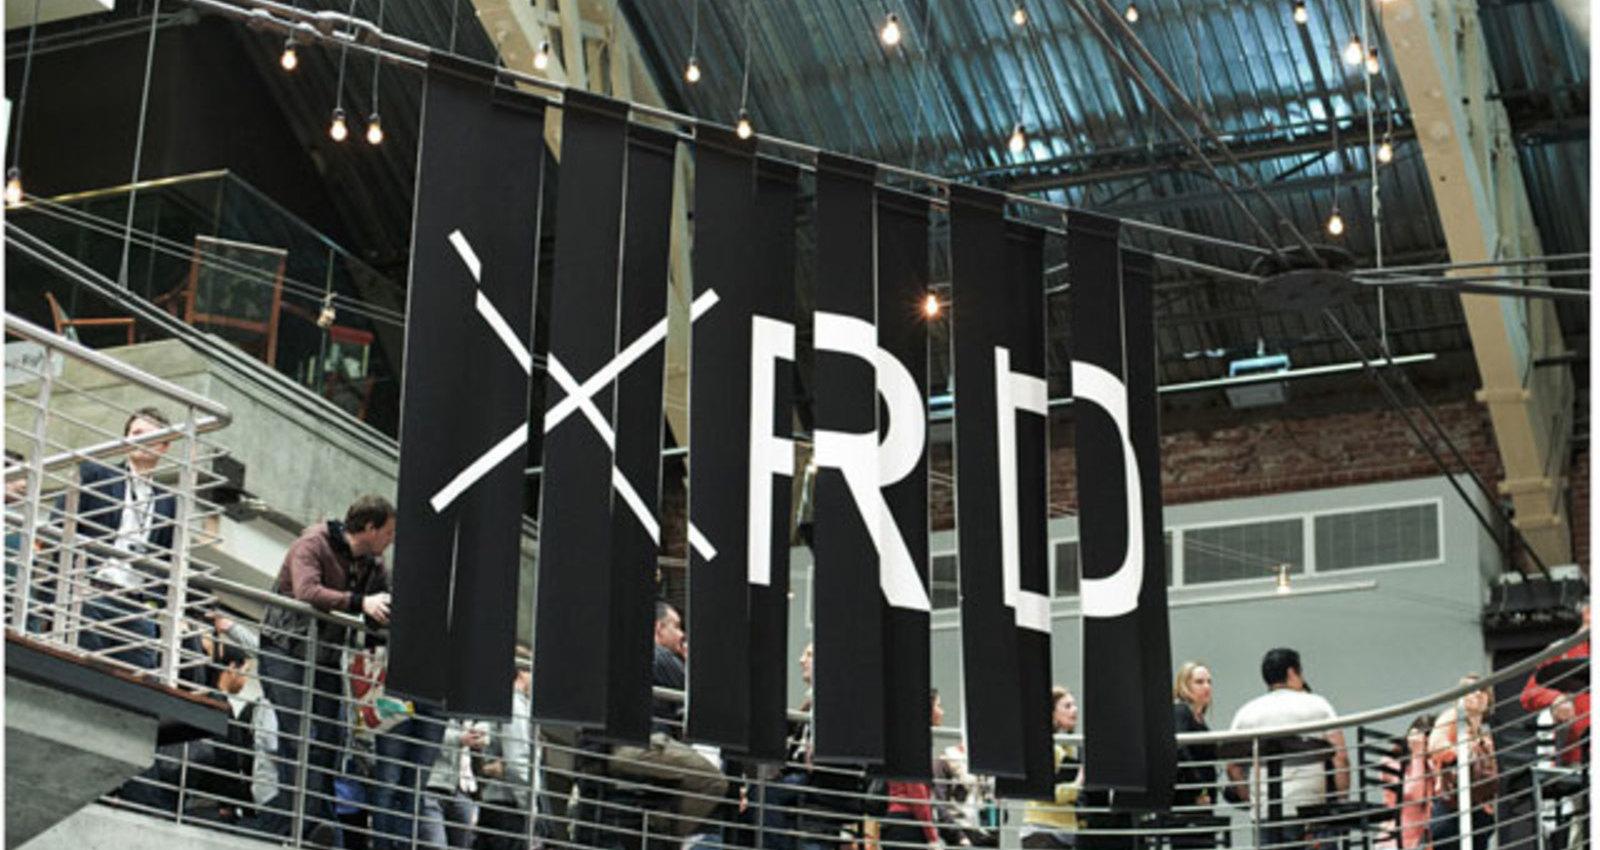 TedX Portland